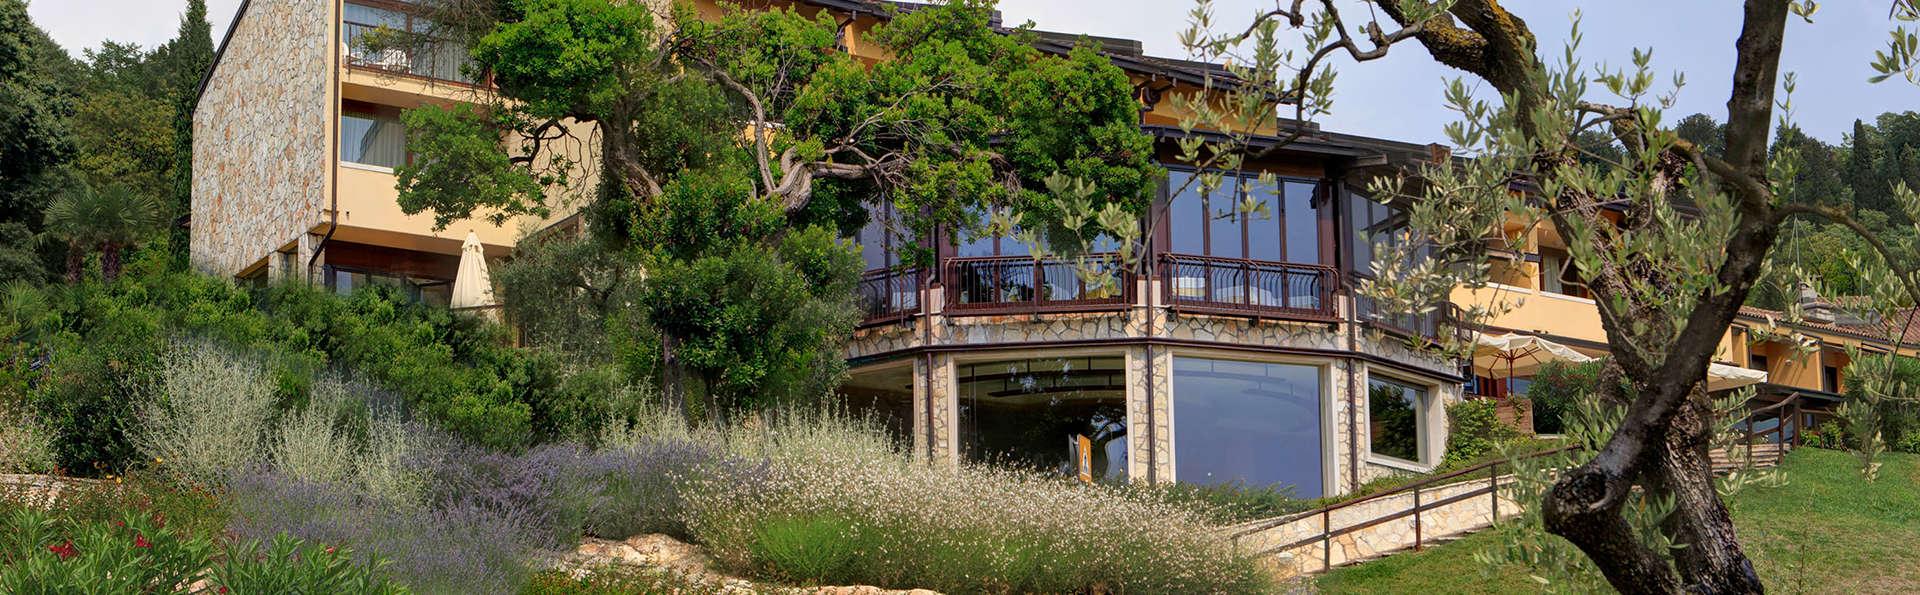 Poiano Resort - EDIT_front1.jpg